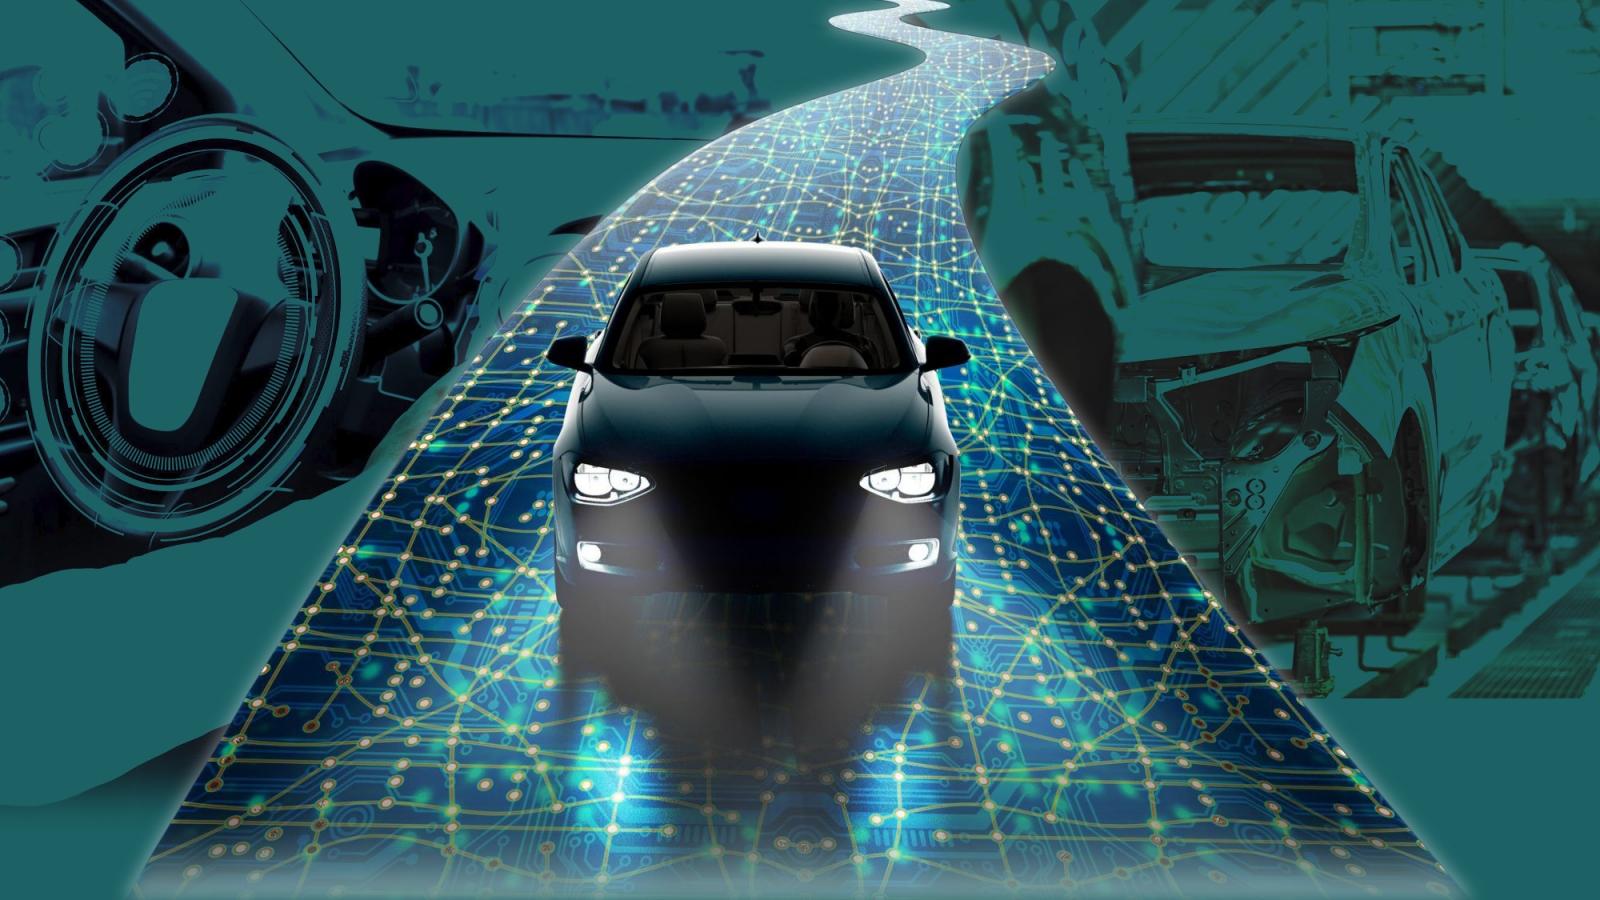 Thiếu chất bán dẫn, ngành công nghiệp ô tô thêm lao đao trong đại dịch Covid-19